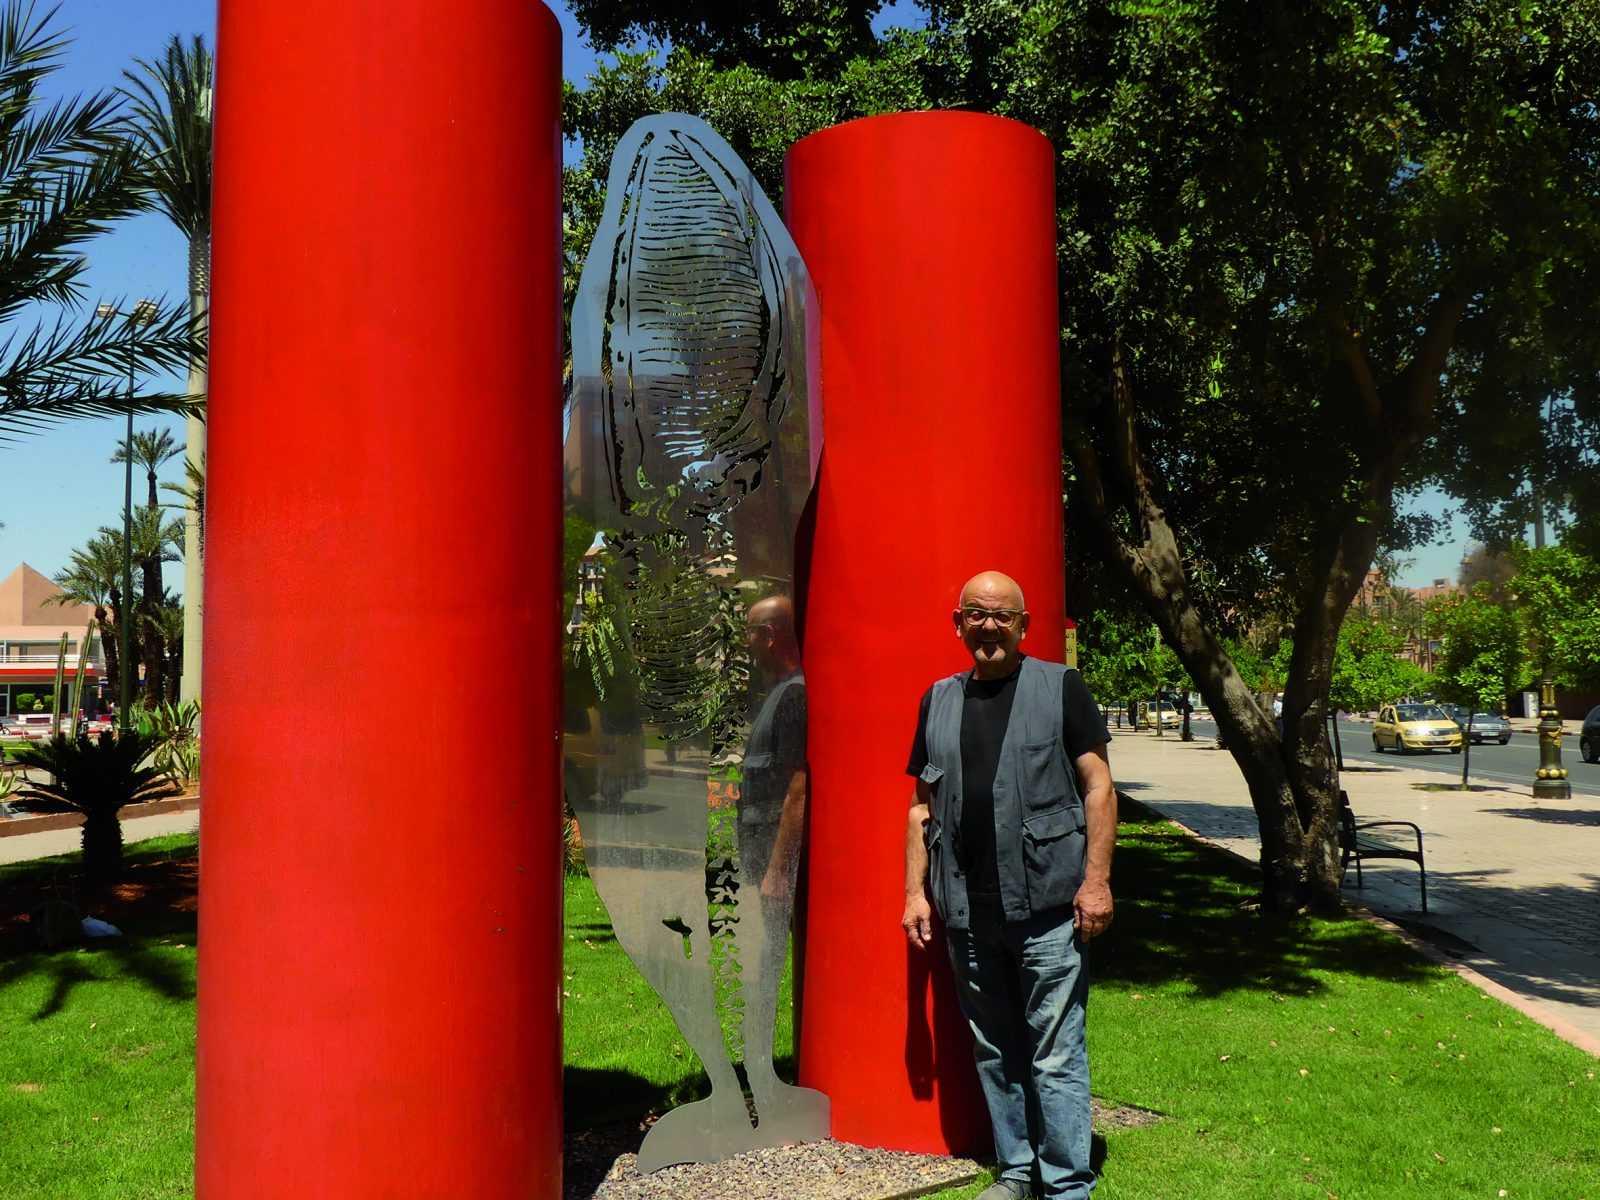 « Entre les deux colonnes rouges », une baleine se love Le mammifère mythique plaide pour l'environnement